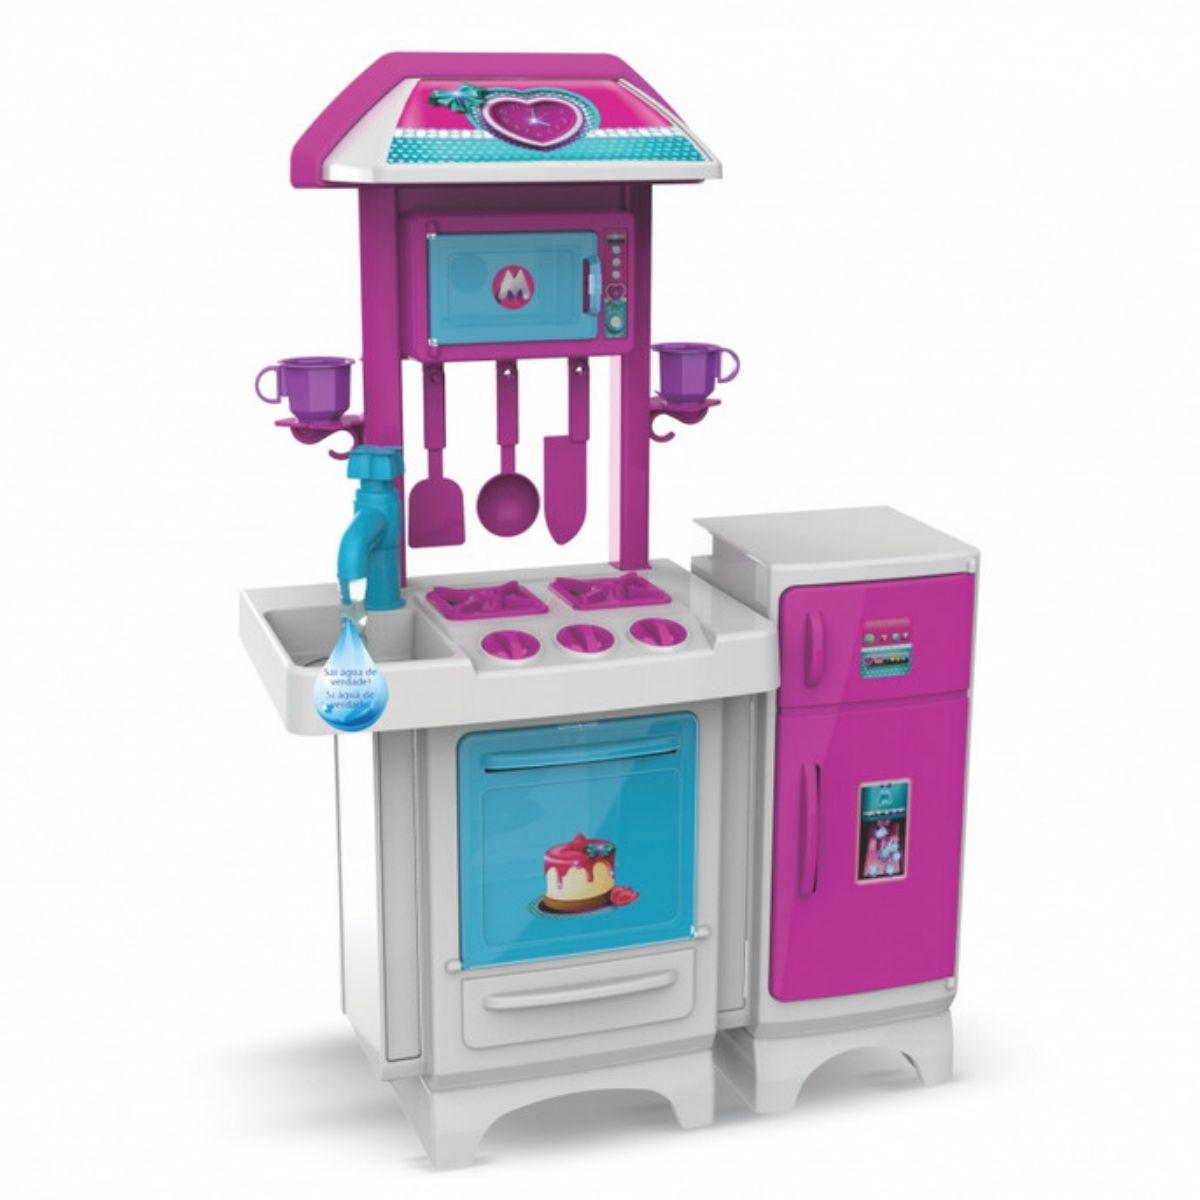 Cozinha Rosa Pink Com Água Completa Brinquedo Infantil